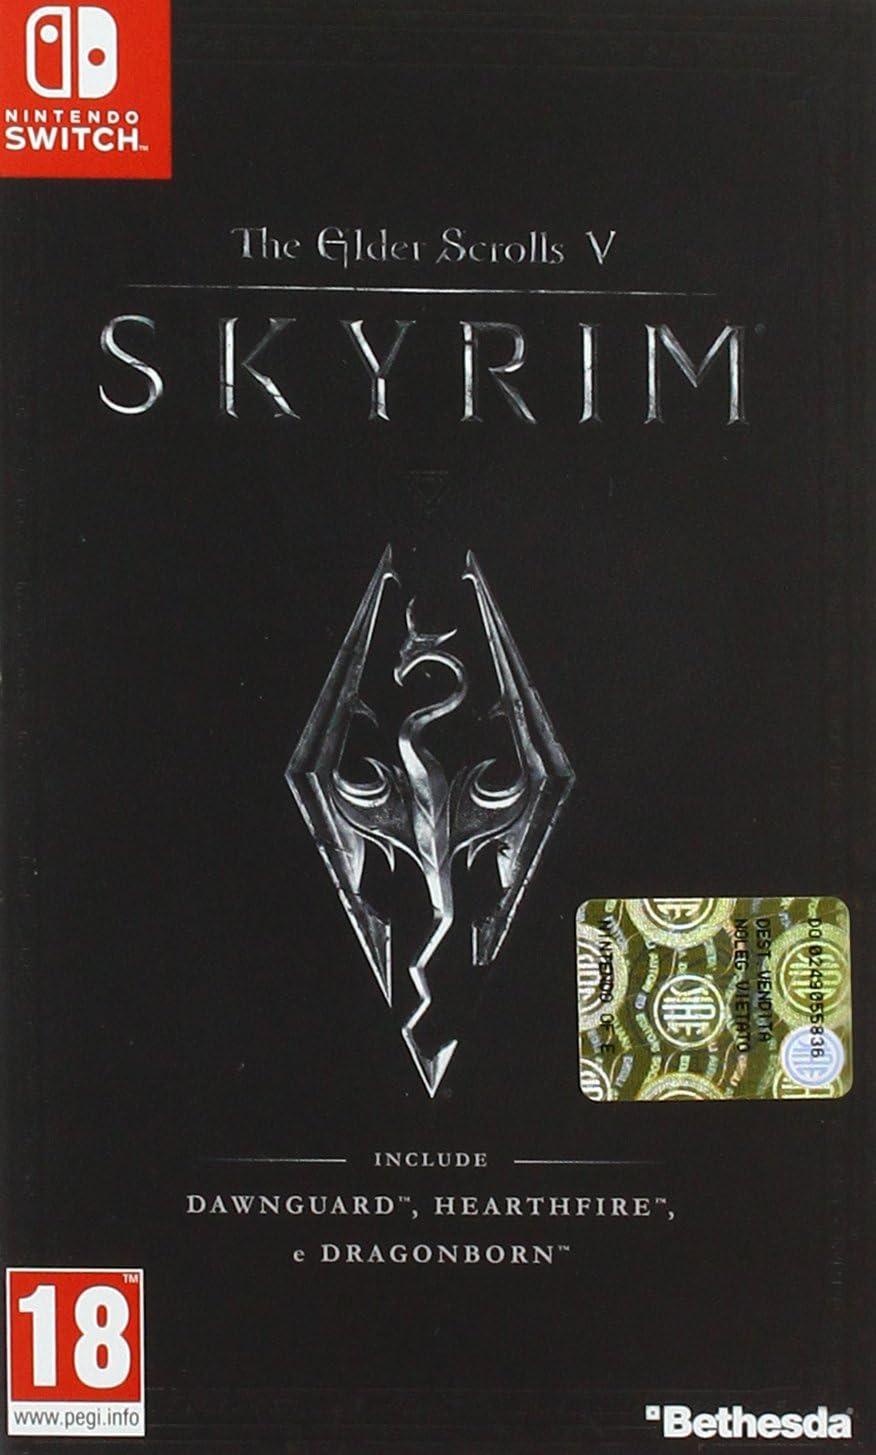 Nintendo The Elder Scrolls V: Skyrim vídeo - Juego (Nintendo Switch, Acción / RPG, M (Maduro))